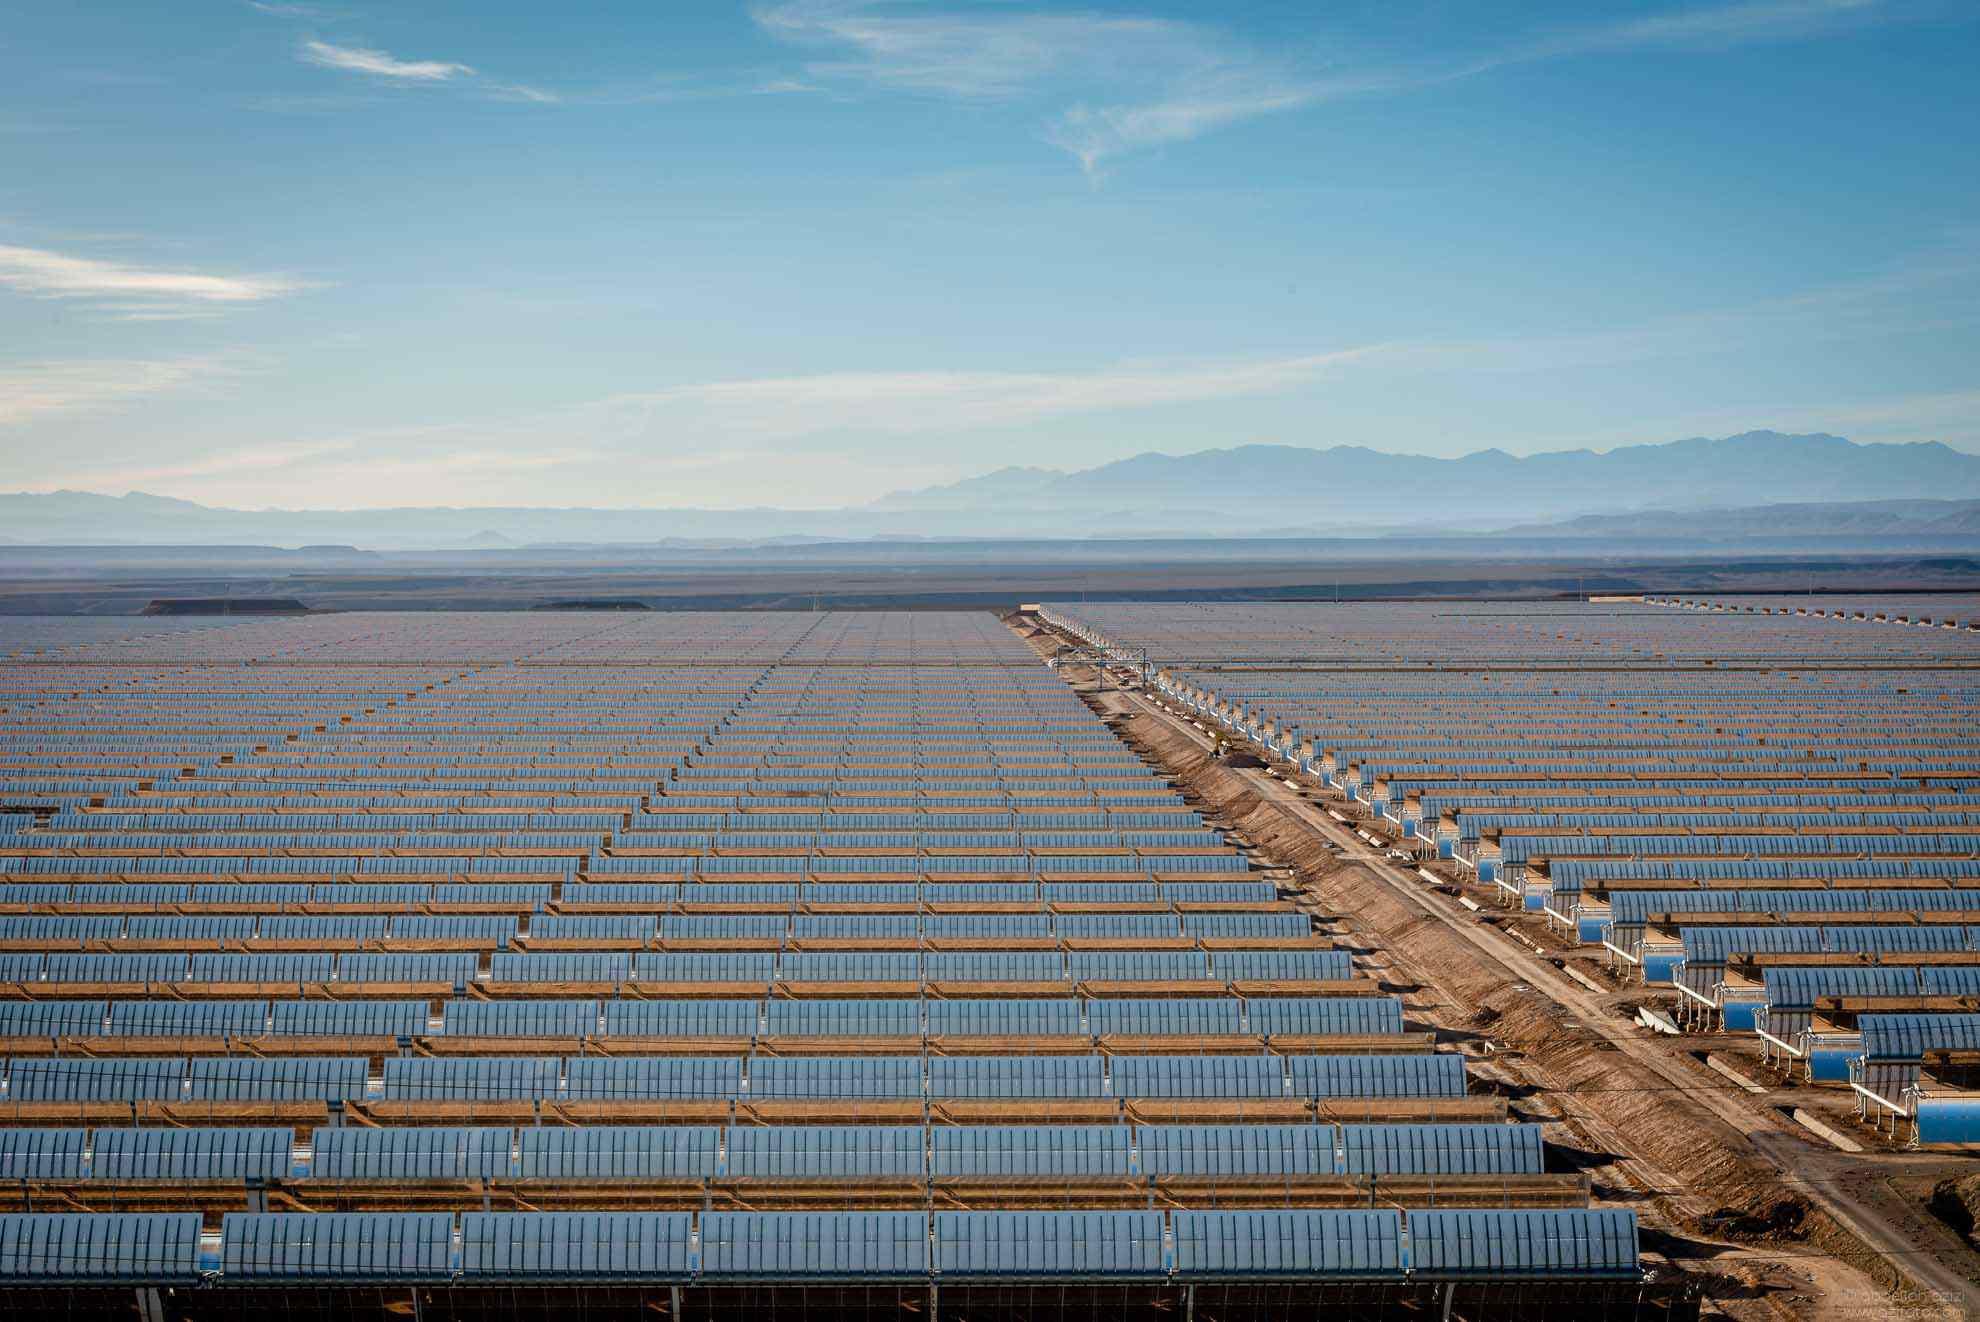 Mirrores of Ouarzazate solar power station